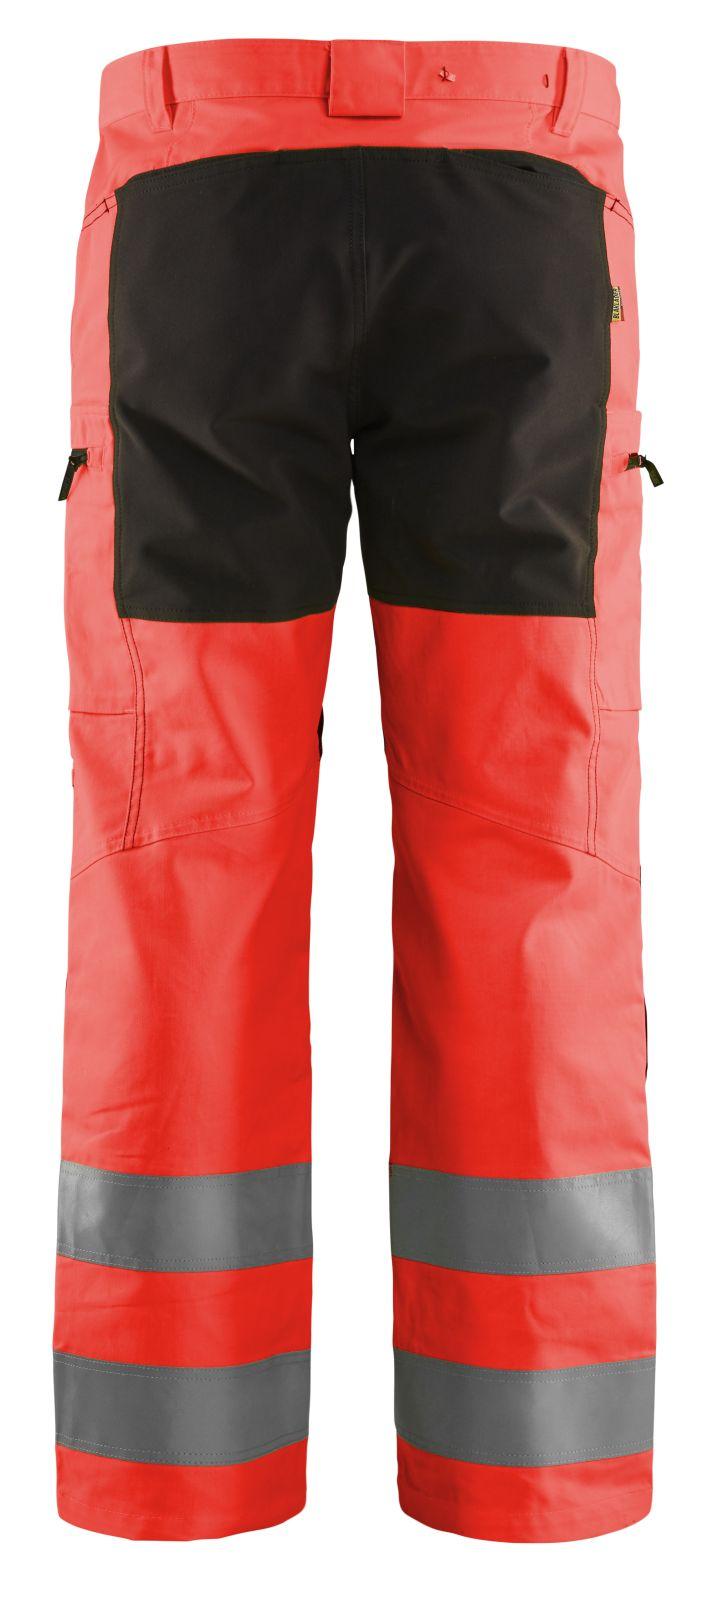 Blaklader Broeken 15851811 fluo rood-zwart(5599)